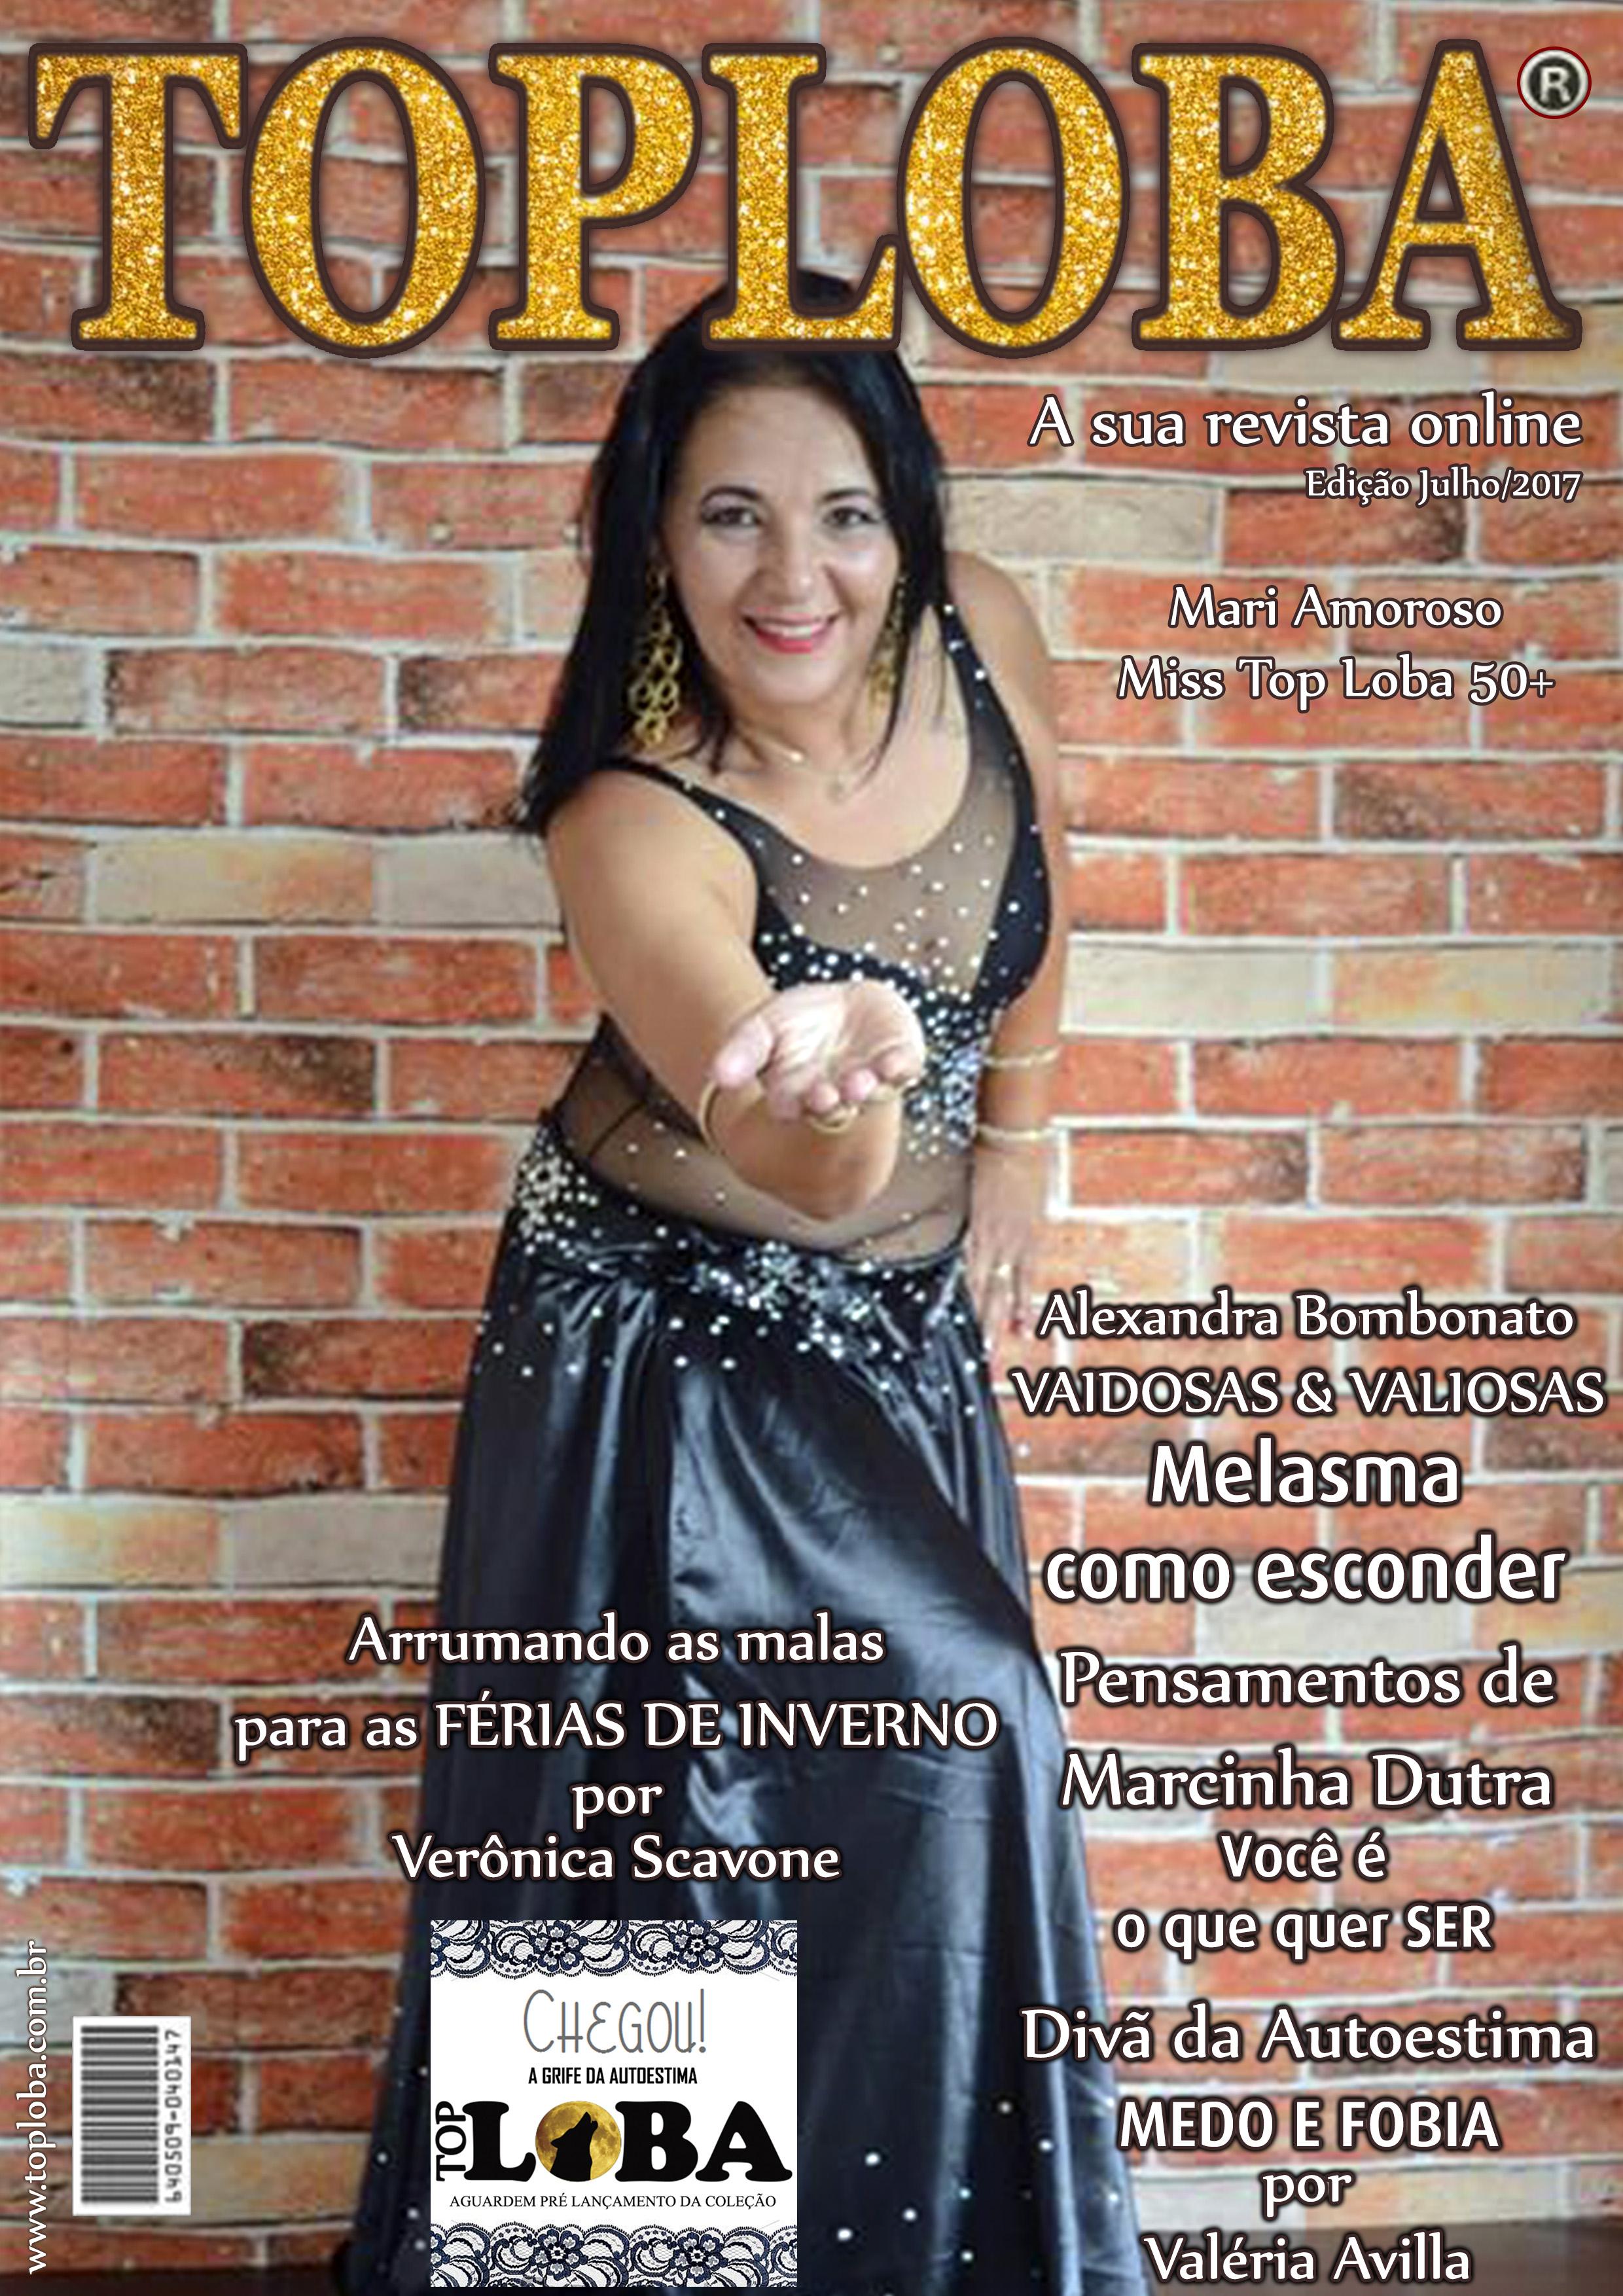 Capa Revista 07_17_50+